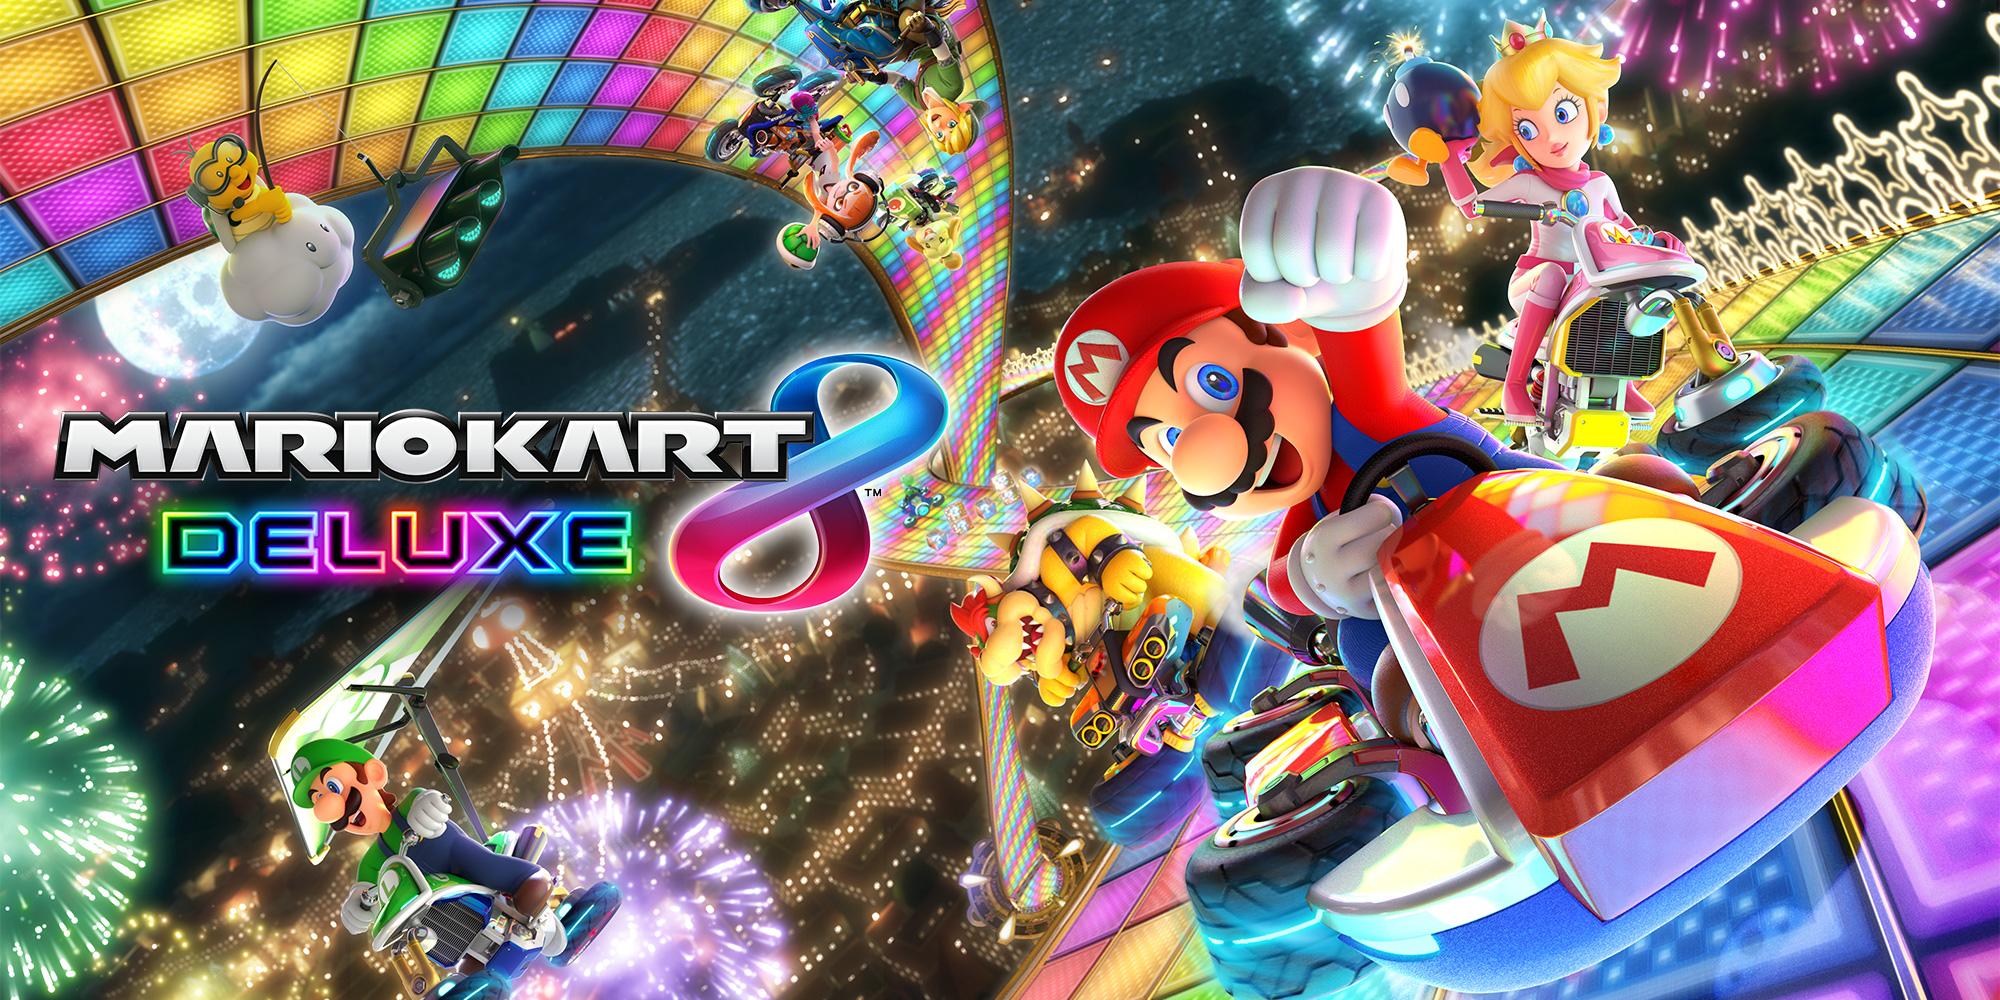 Ventas de juegos en Japón del 5 al 11 de junio